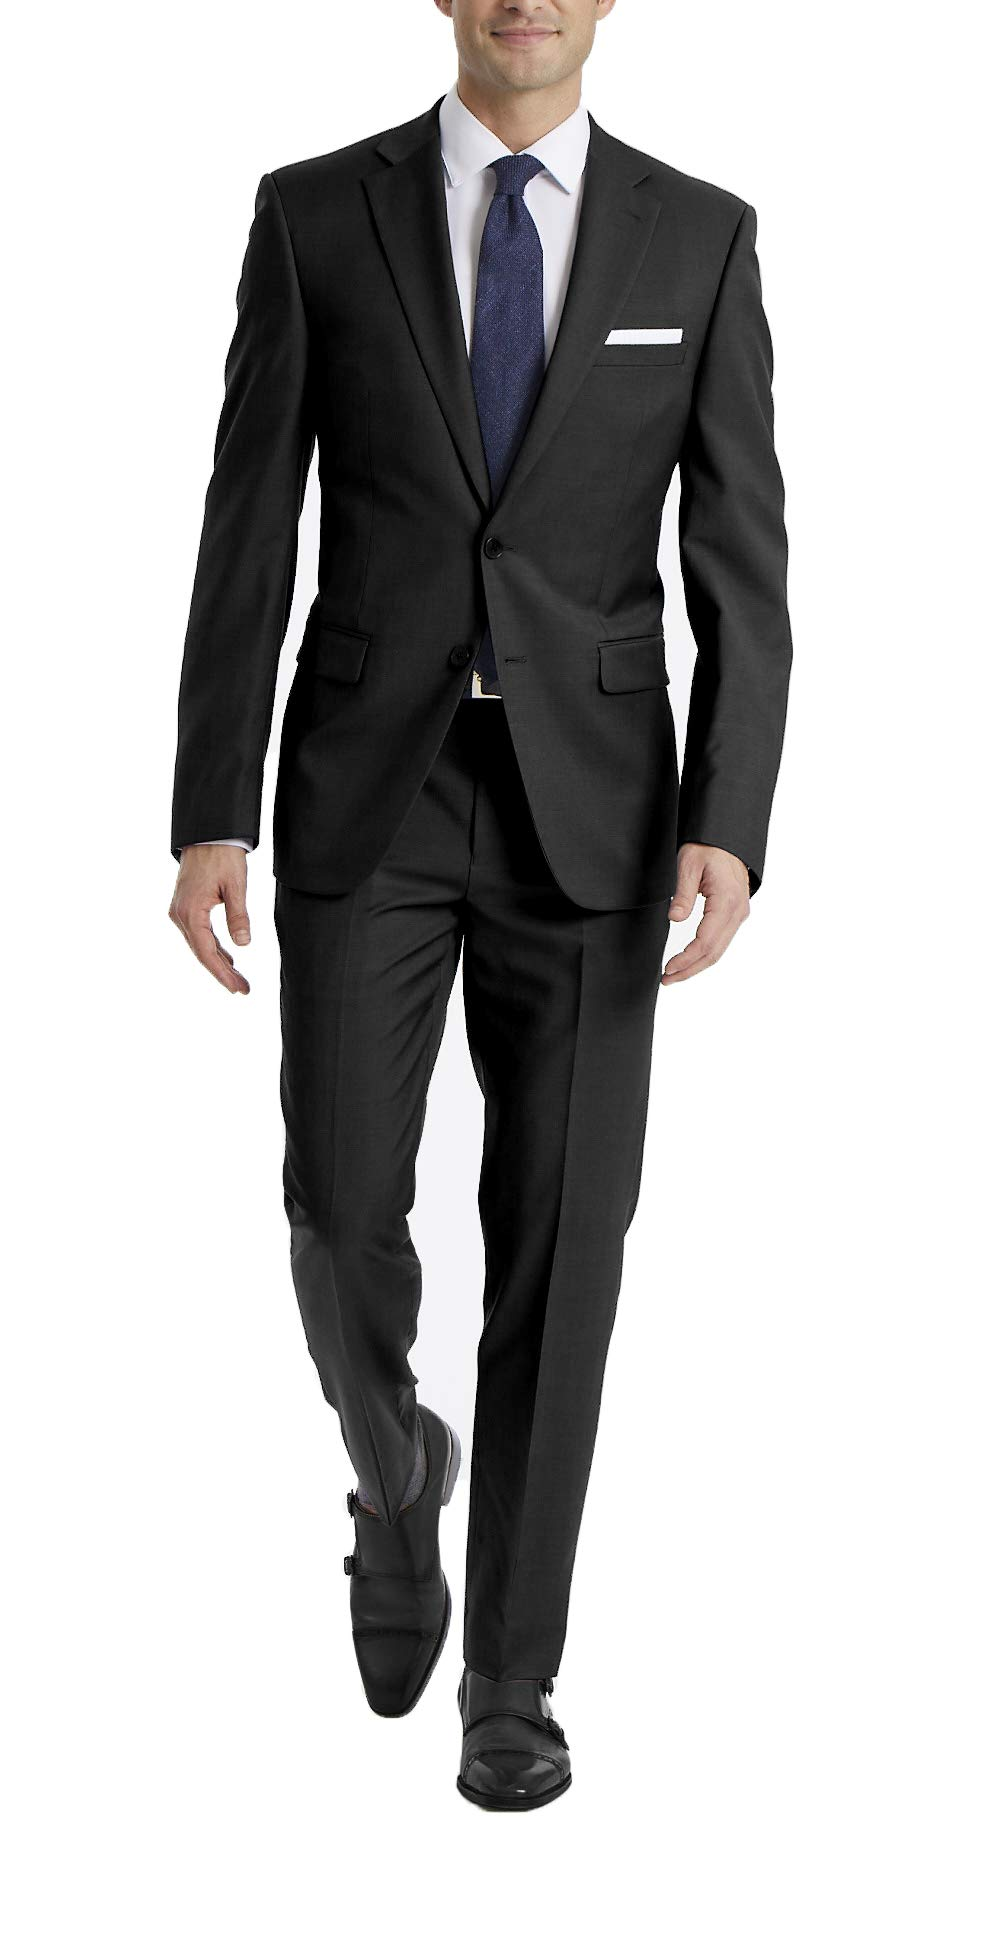 Calvin Klein Men's X Fit Stretch Slim Suit, black, 38 Short